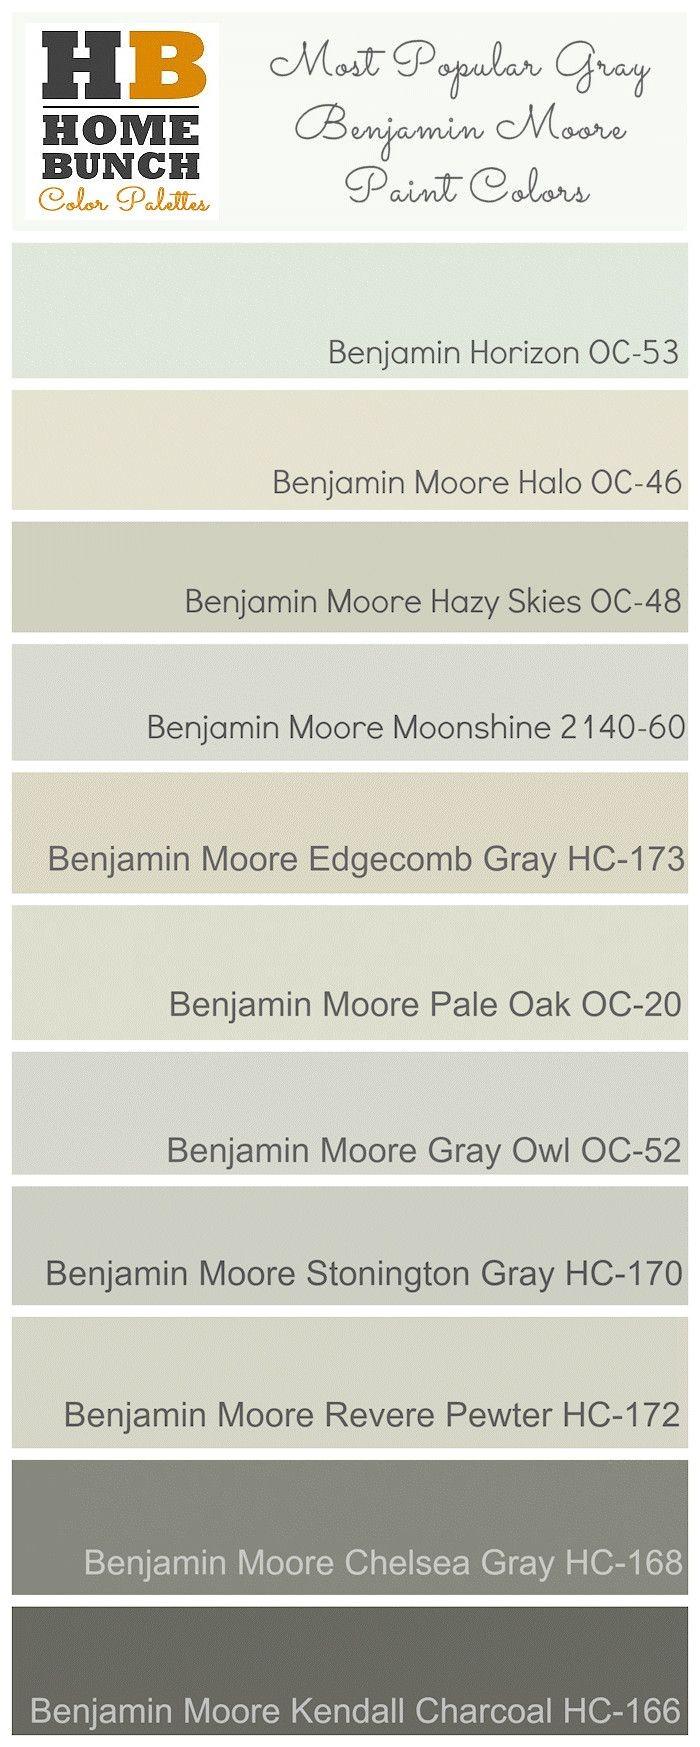 Ben Moore Horizon Oc 53 Most Popular Gray Benjamin Moore Paint